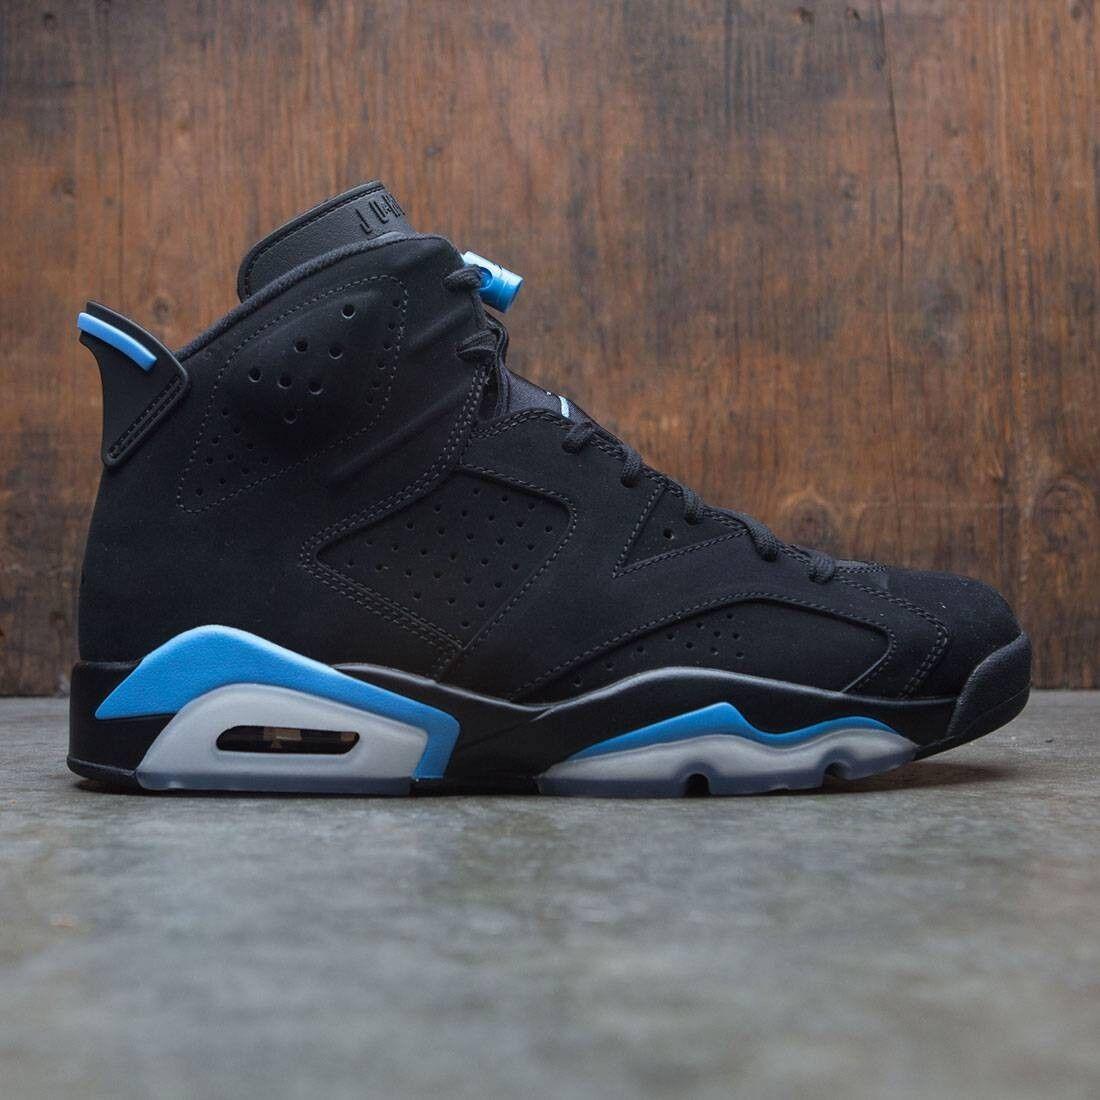 2017 Nike Air Jordan 6 VI Retro Black University Blue Size 12. 384664-006